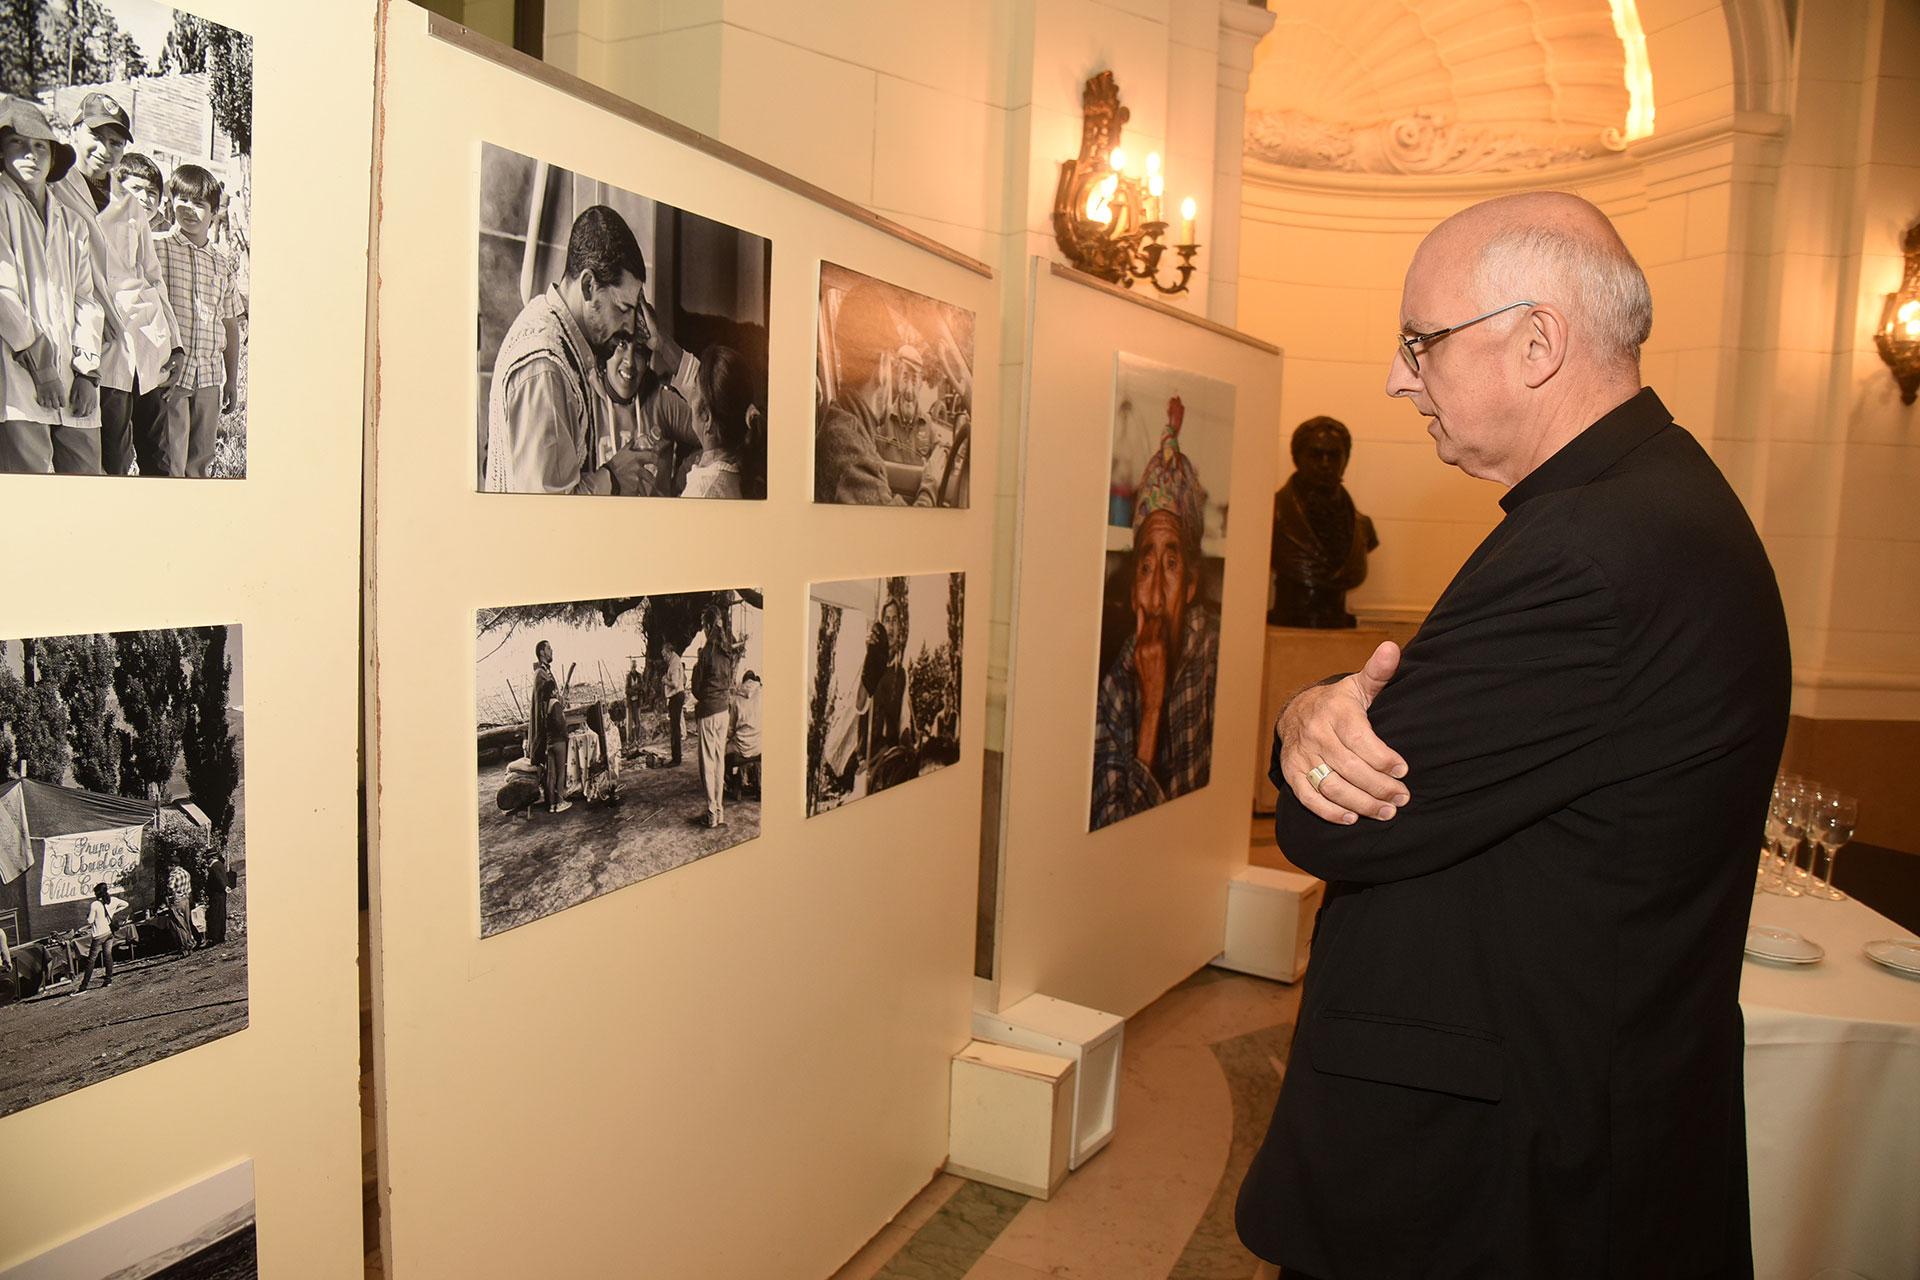 Monseñor Santiago Olivera, Obispo Castrense de la República Argentina, contemplando las fotografías